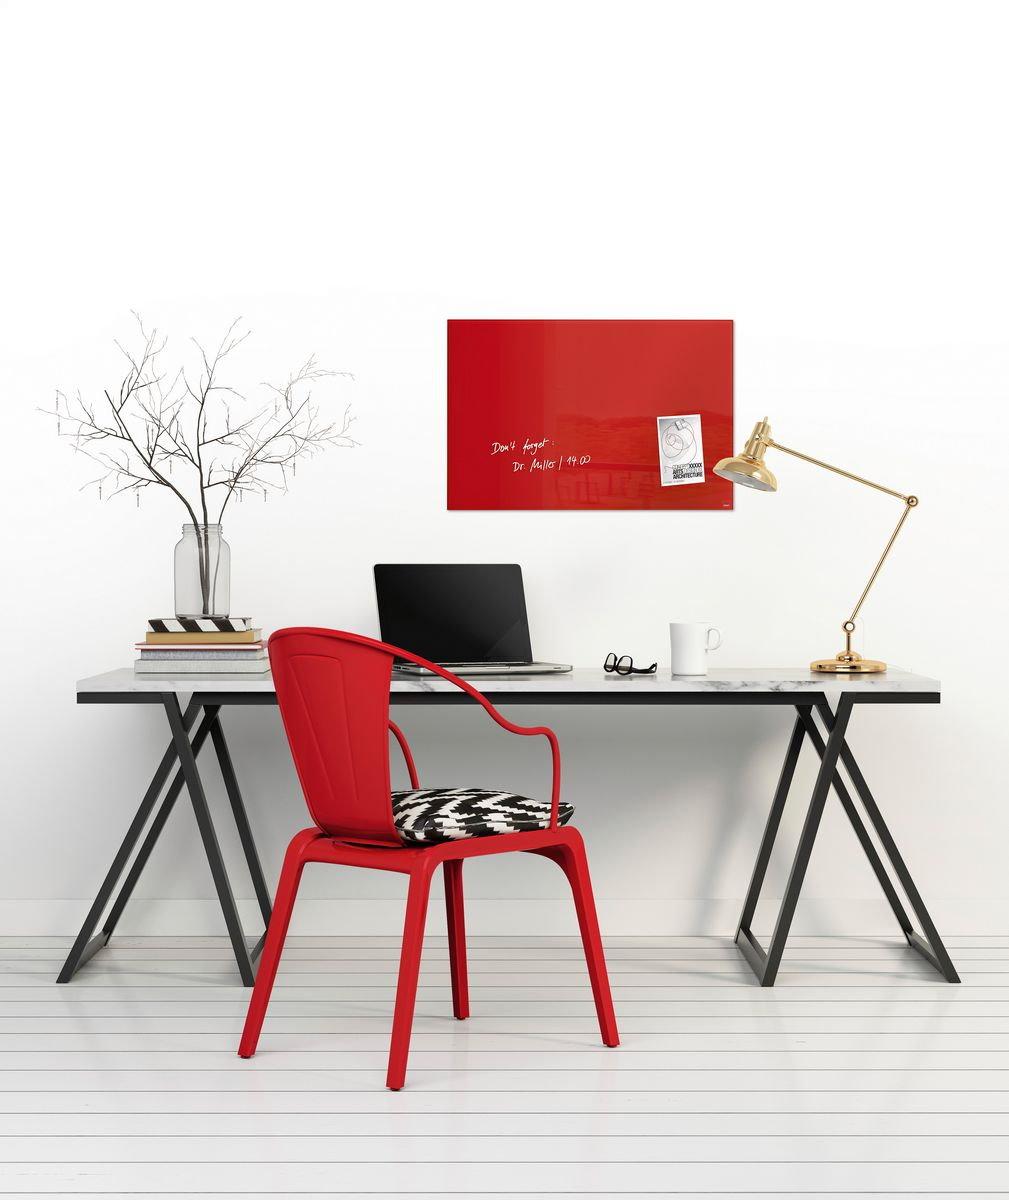 sigel glas magnetboard artverum 60x40 magnettafel magnet board tafel wandboard business industrie. Black Bedroom Furniture Sets. Home Design Ideas